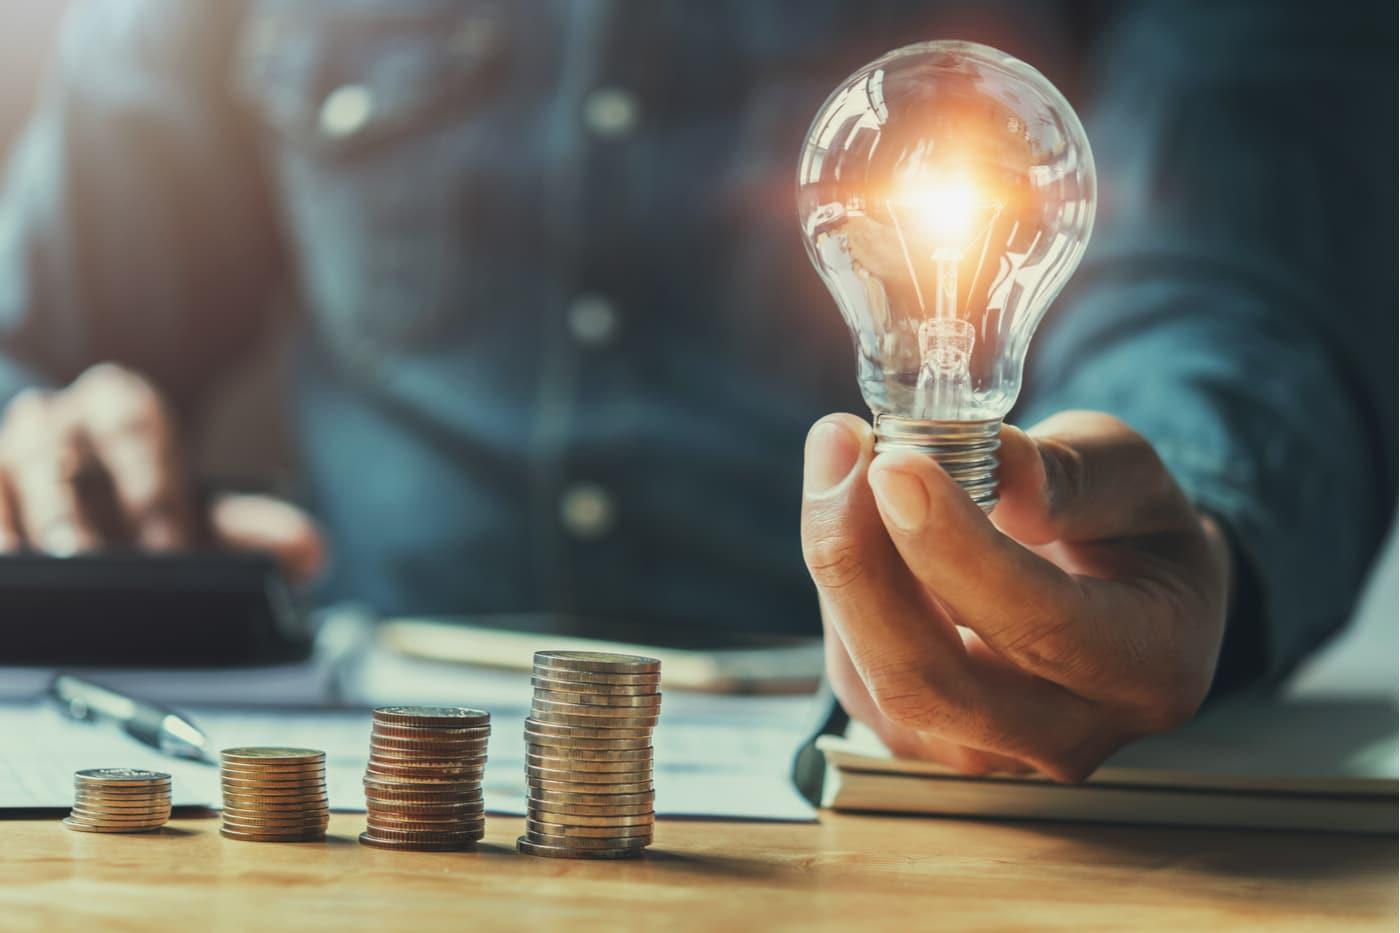 Yrittäjän euro. paljon yrittäjän tulee tienata? Euron kolikoita ja hehkulamppu.